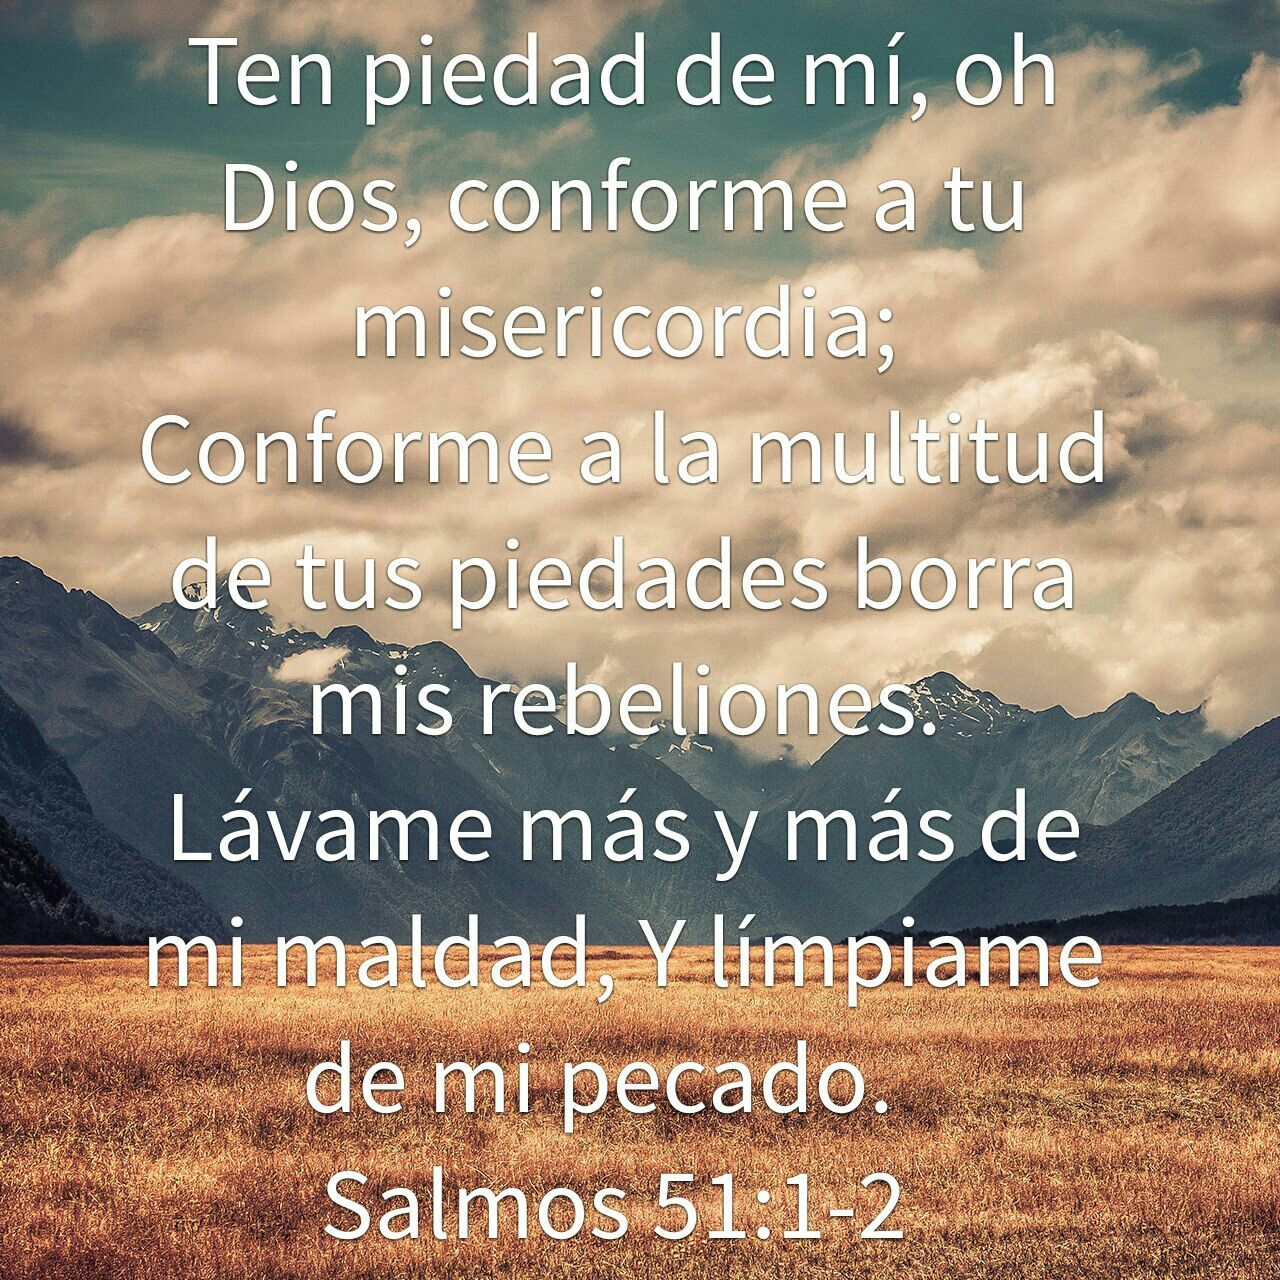 Salmos 51:1-2   Versículo del día   Pinterest   Salmo 51 y Salmos